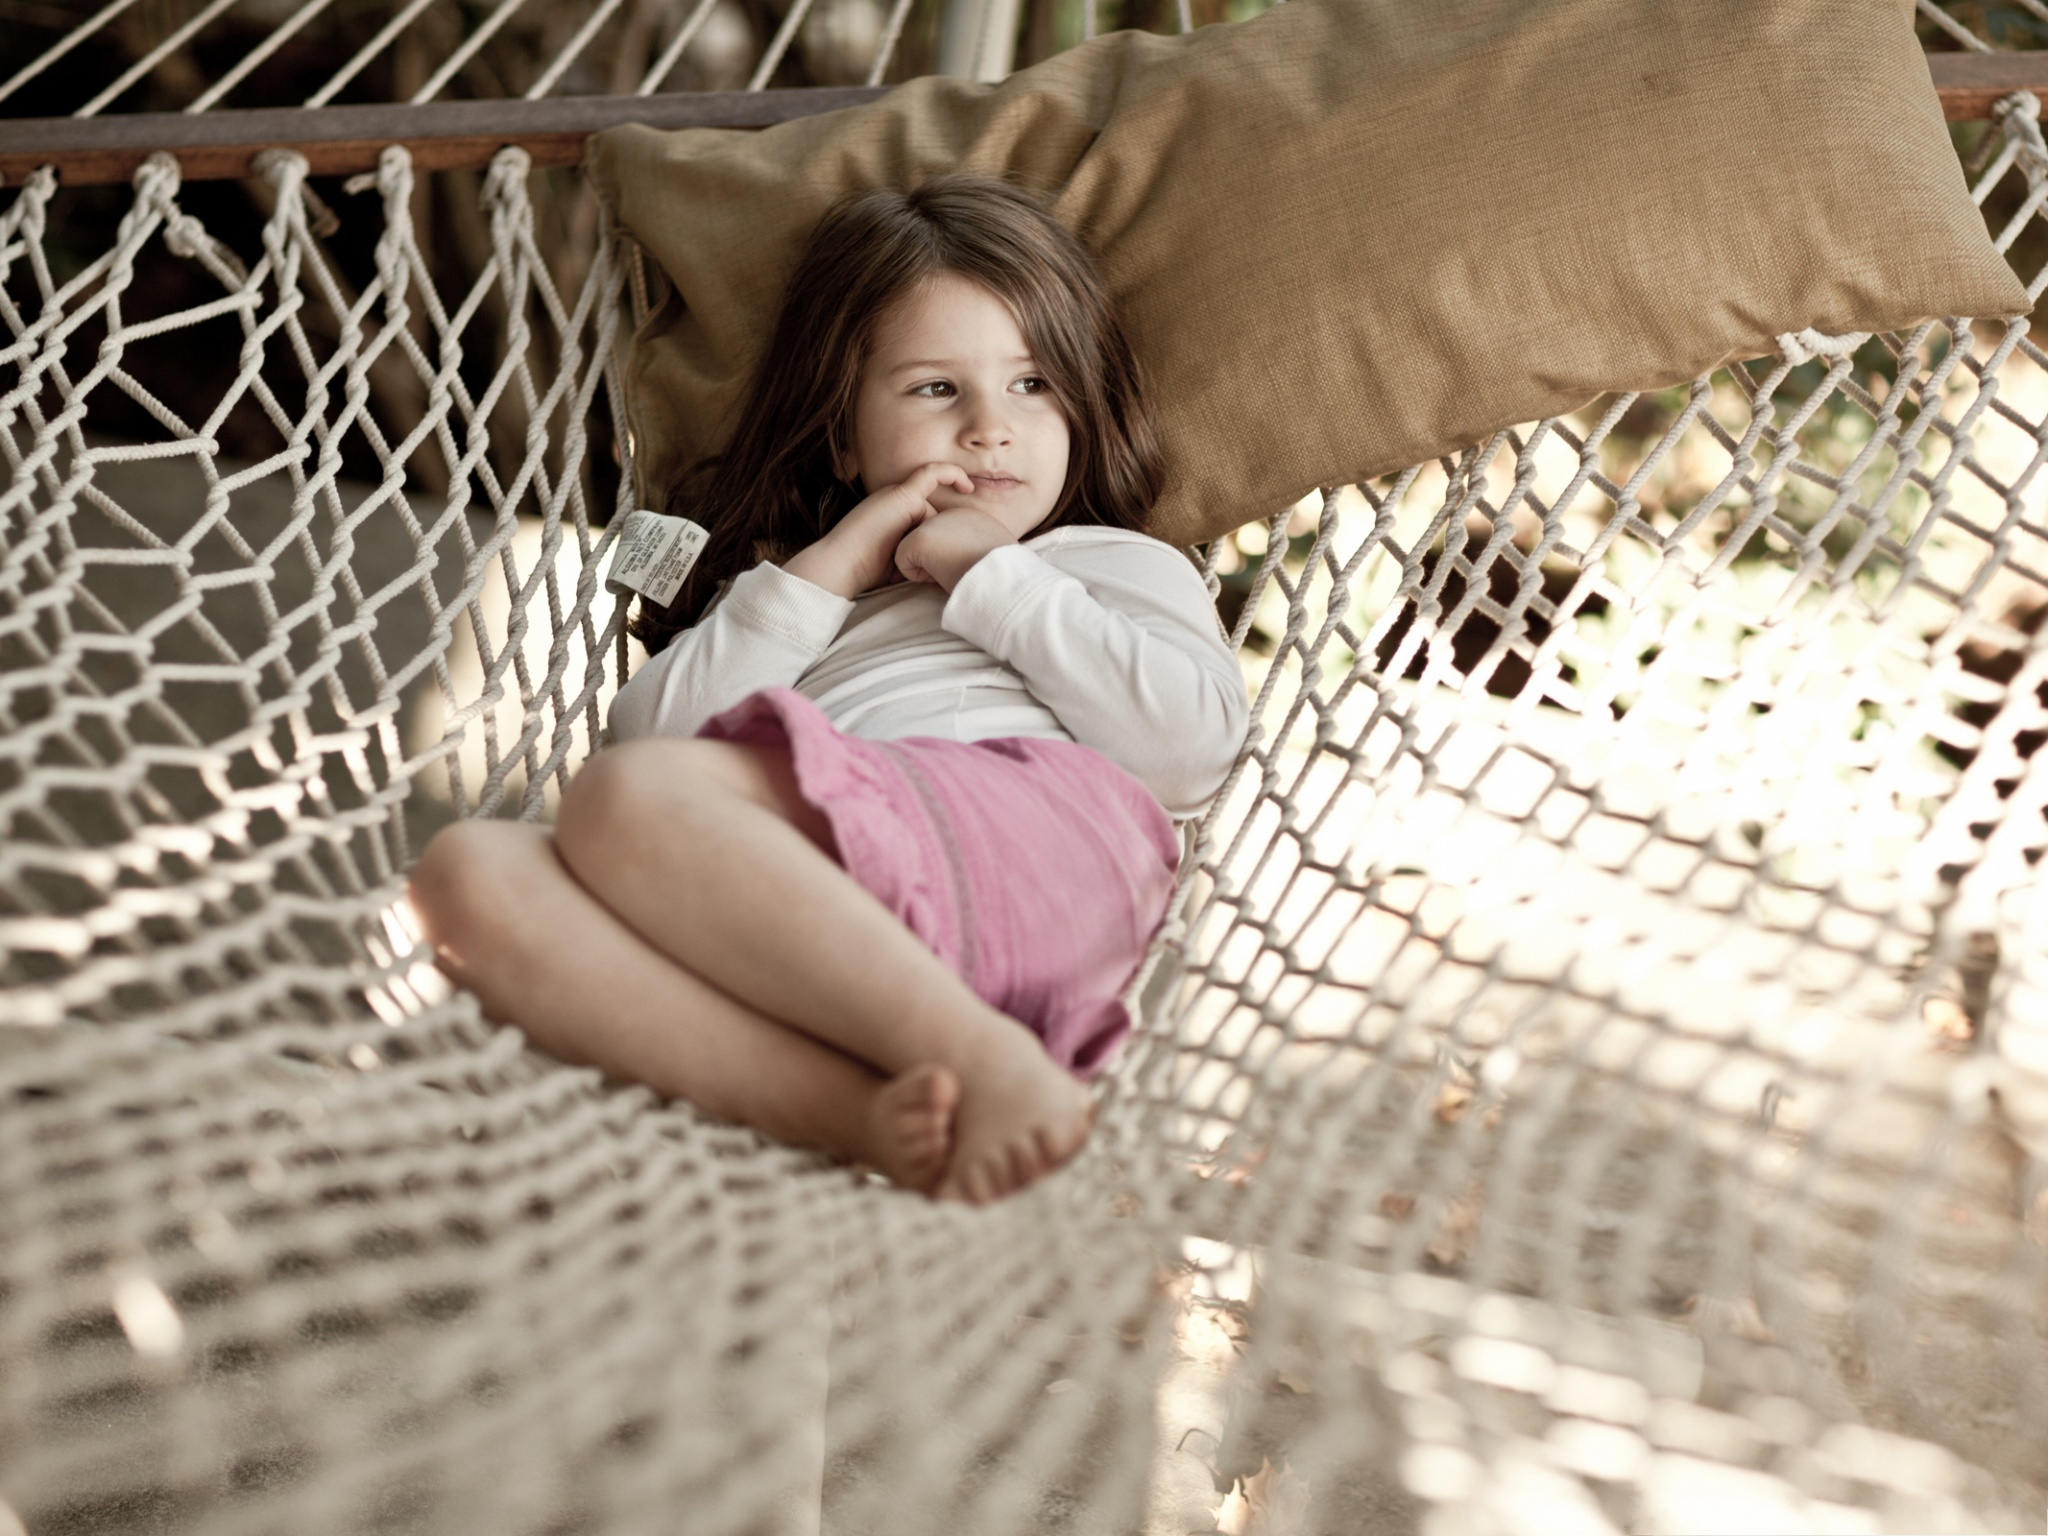 Cute Little Angel Wallpaper Little Girl Picture Baby Girl Lying On Hammock